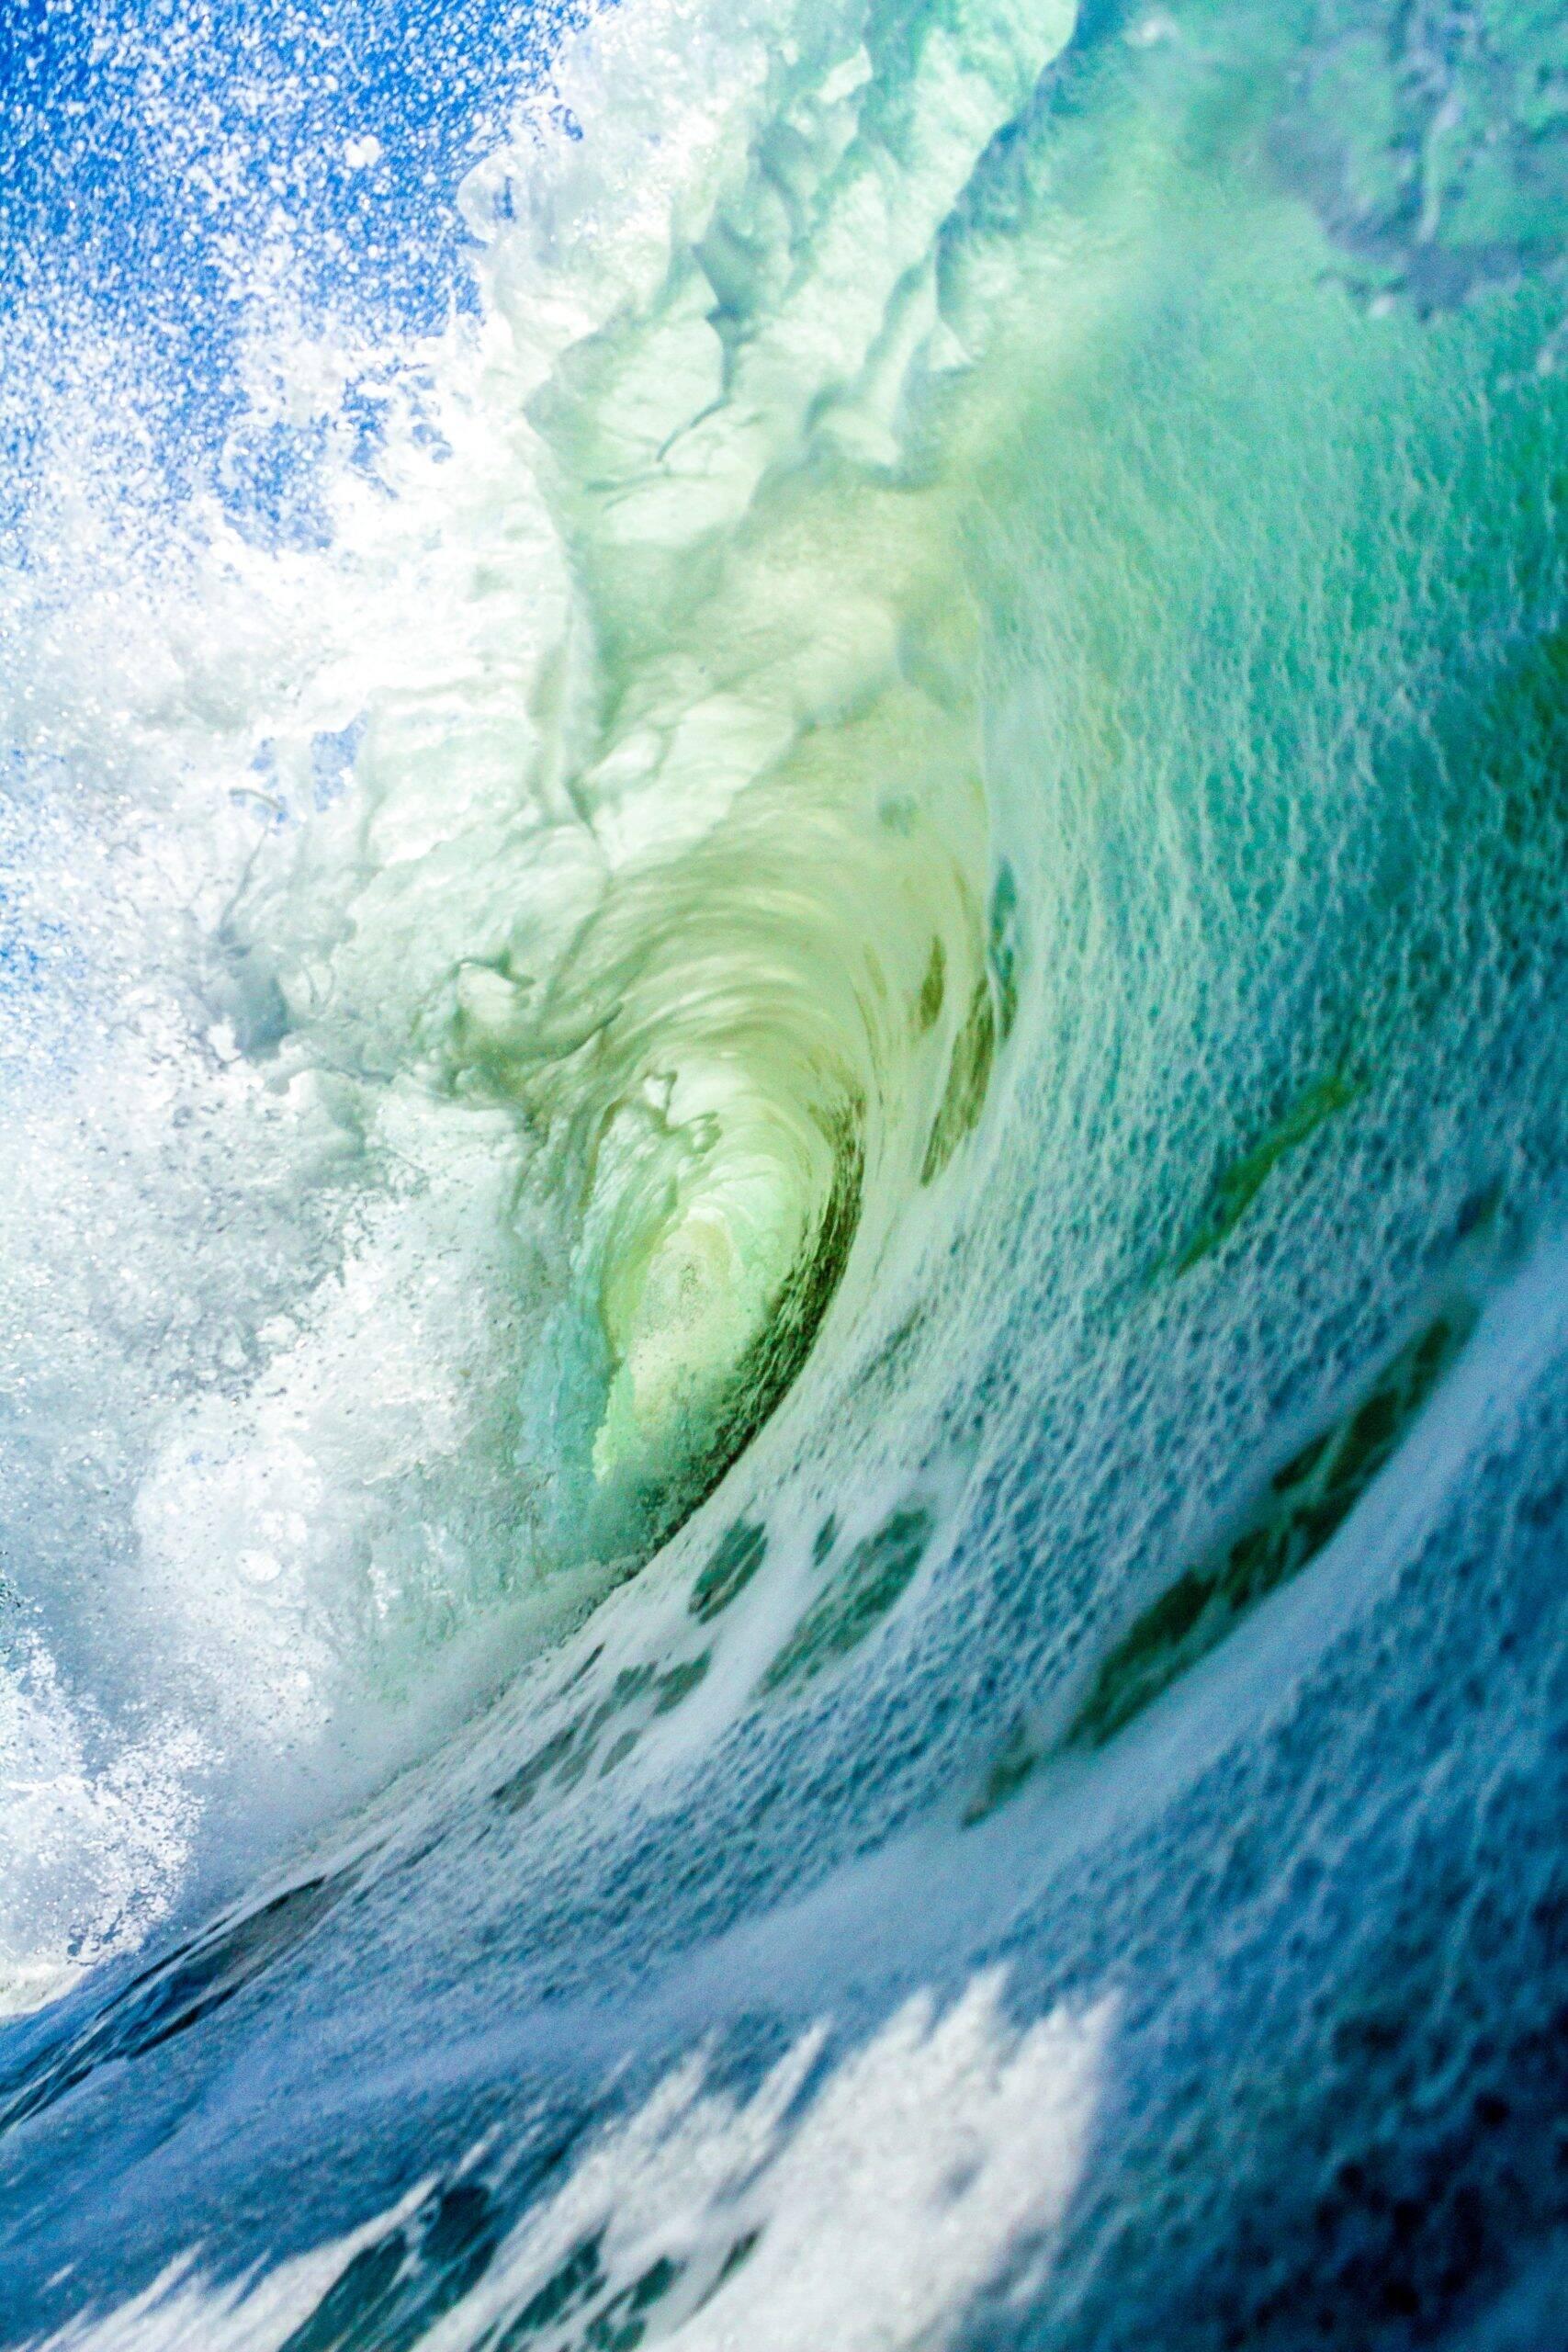 Em abril de 1771, as Ilhas Ryukyu localizadas no Japão enfrentaram um grande tsunami. (Foto: Unsplash)